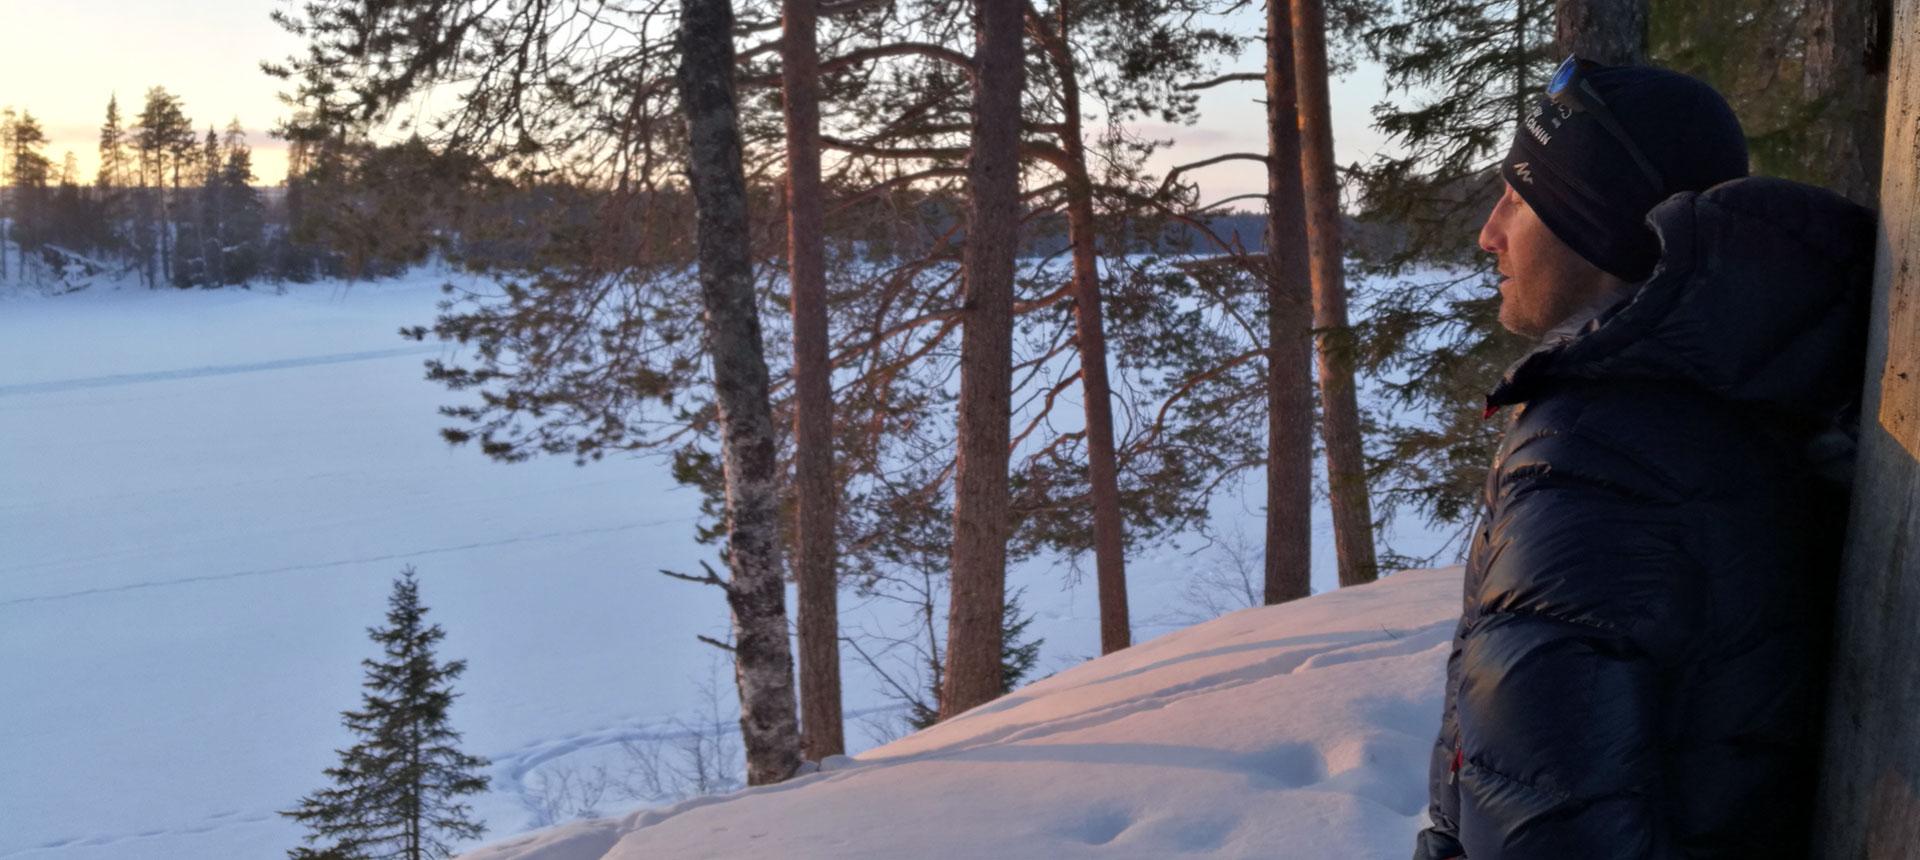 Rémy, votre guide de chien de traîneau en Suède, se ressource à la lumière du soleil couchant en lisière de forêt